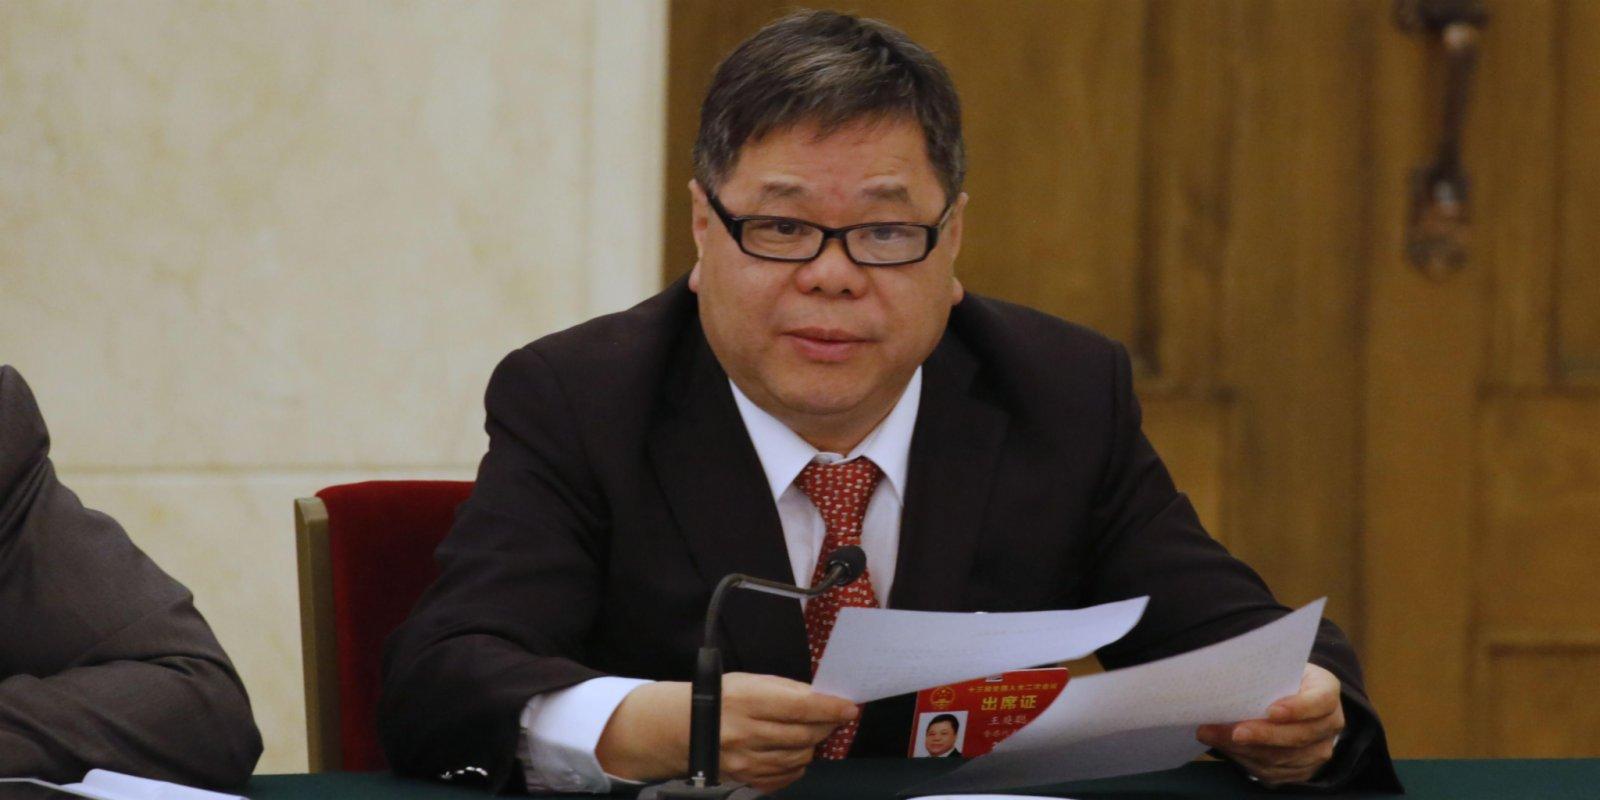 人大審議香港選舉制度決定草案 王庭聰:合情合理合法